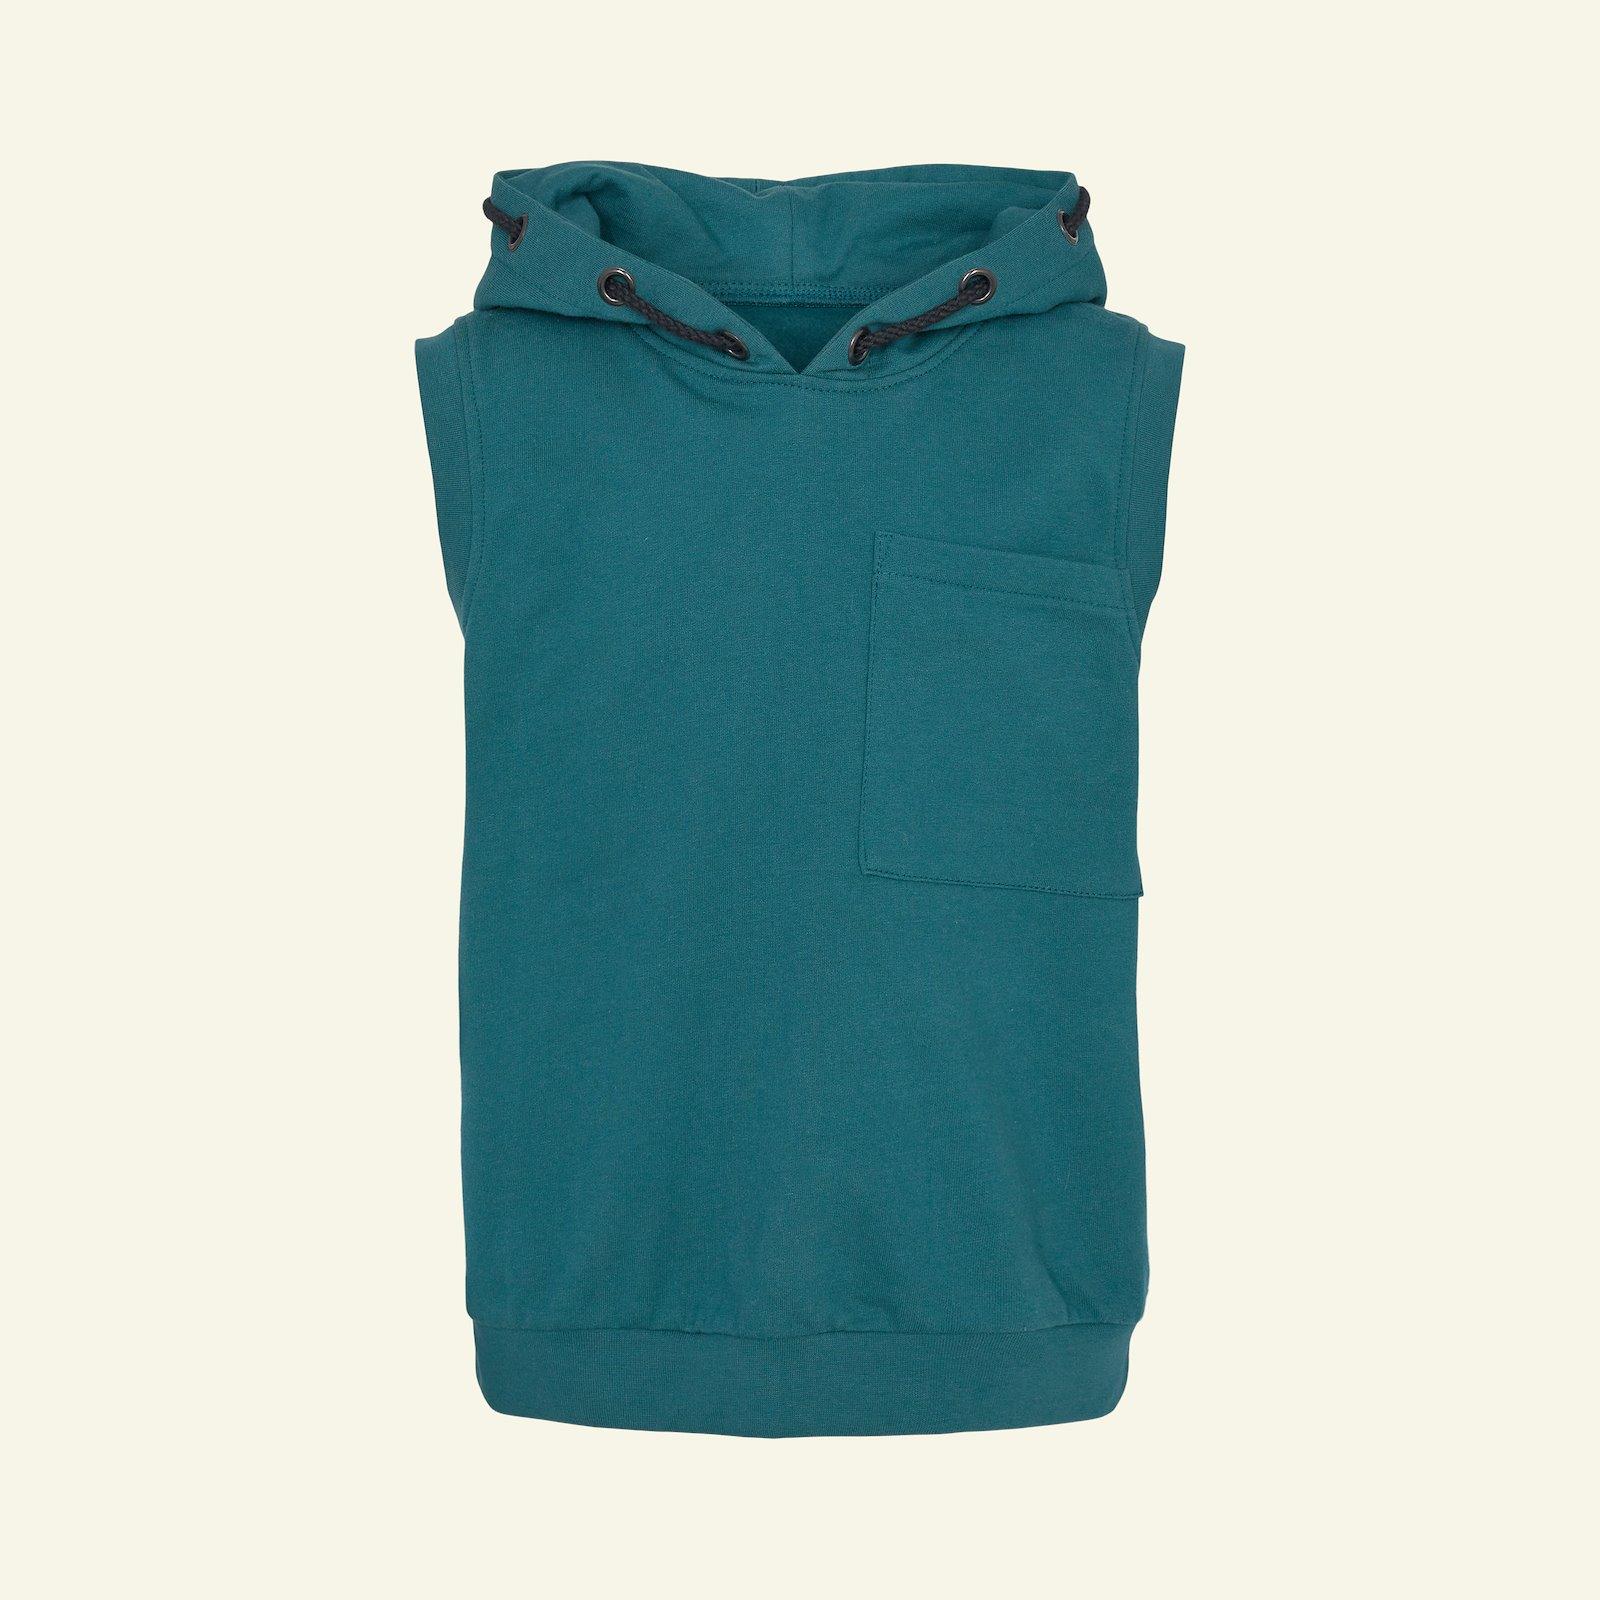 Hoodie waistcoat, 140/10y p62021_211775_75243_sskit